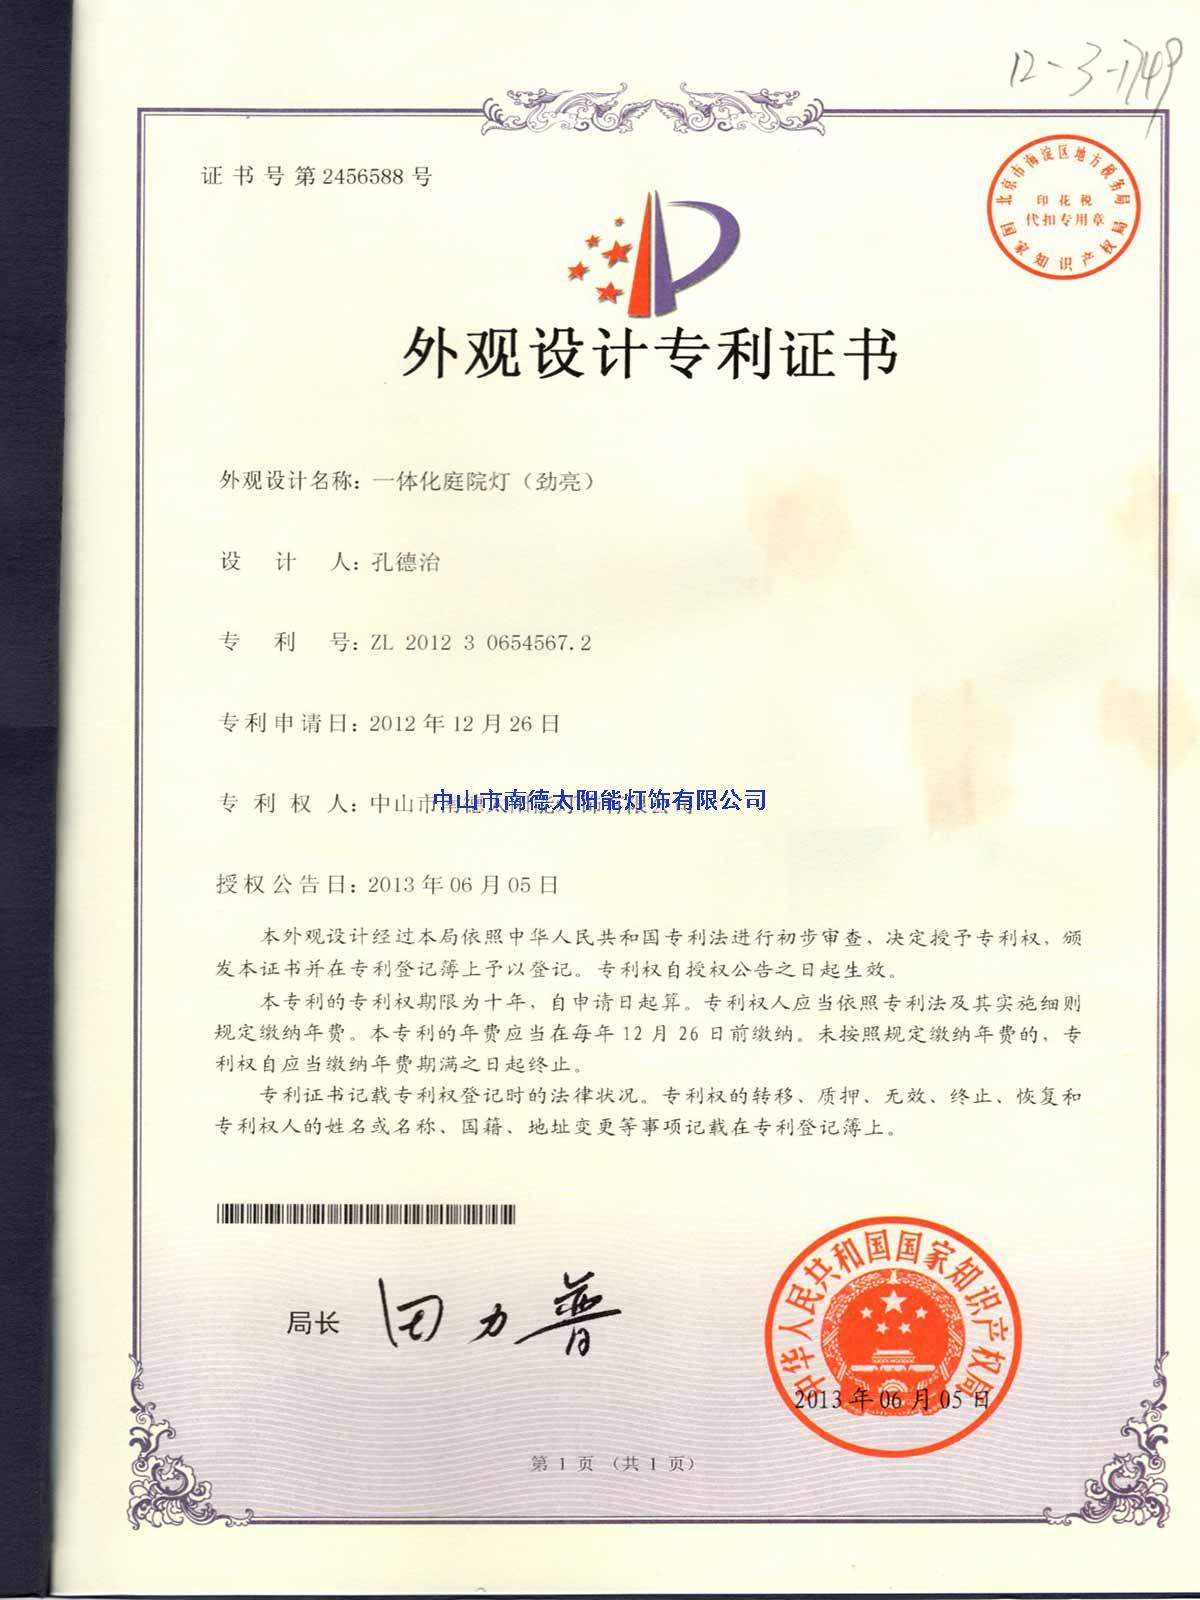 外观设计专利证书:一体化庭院灯(劲亮)